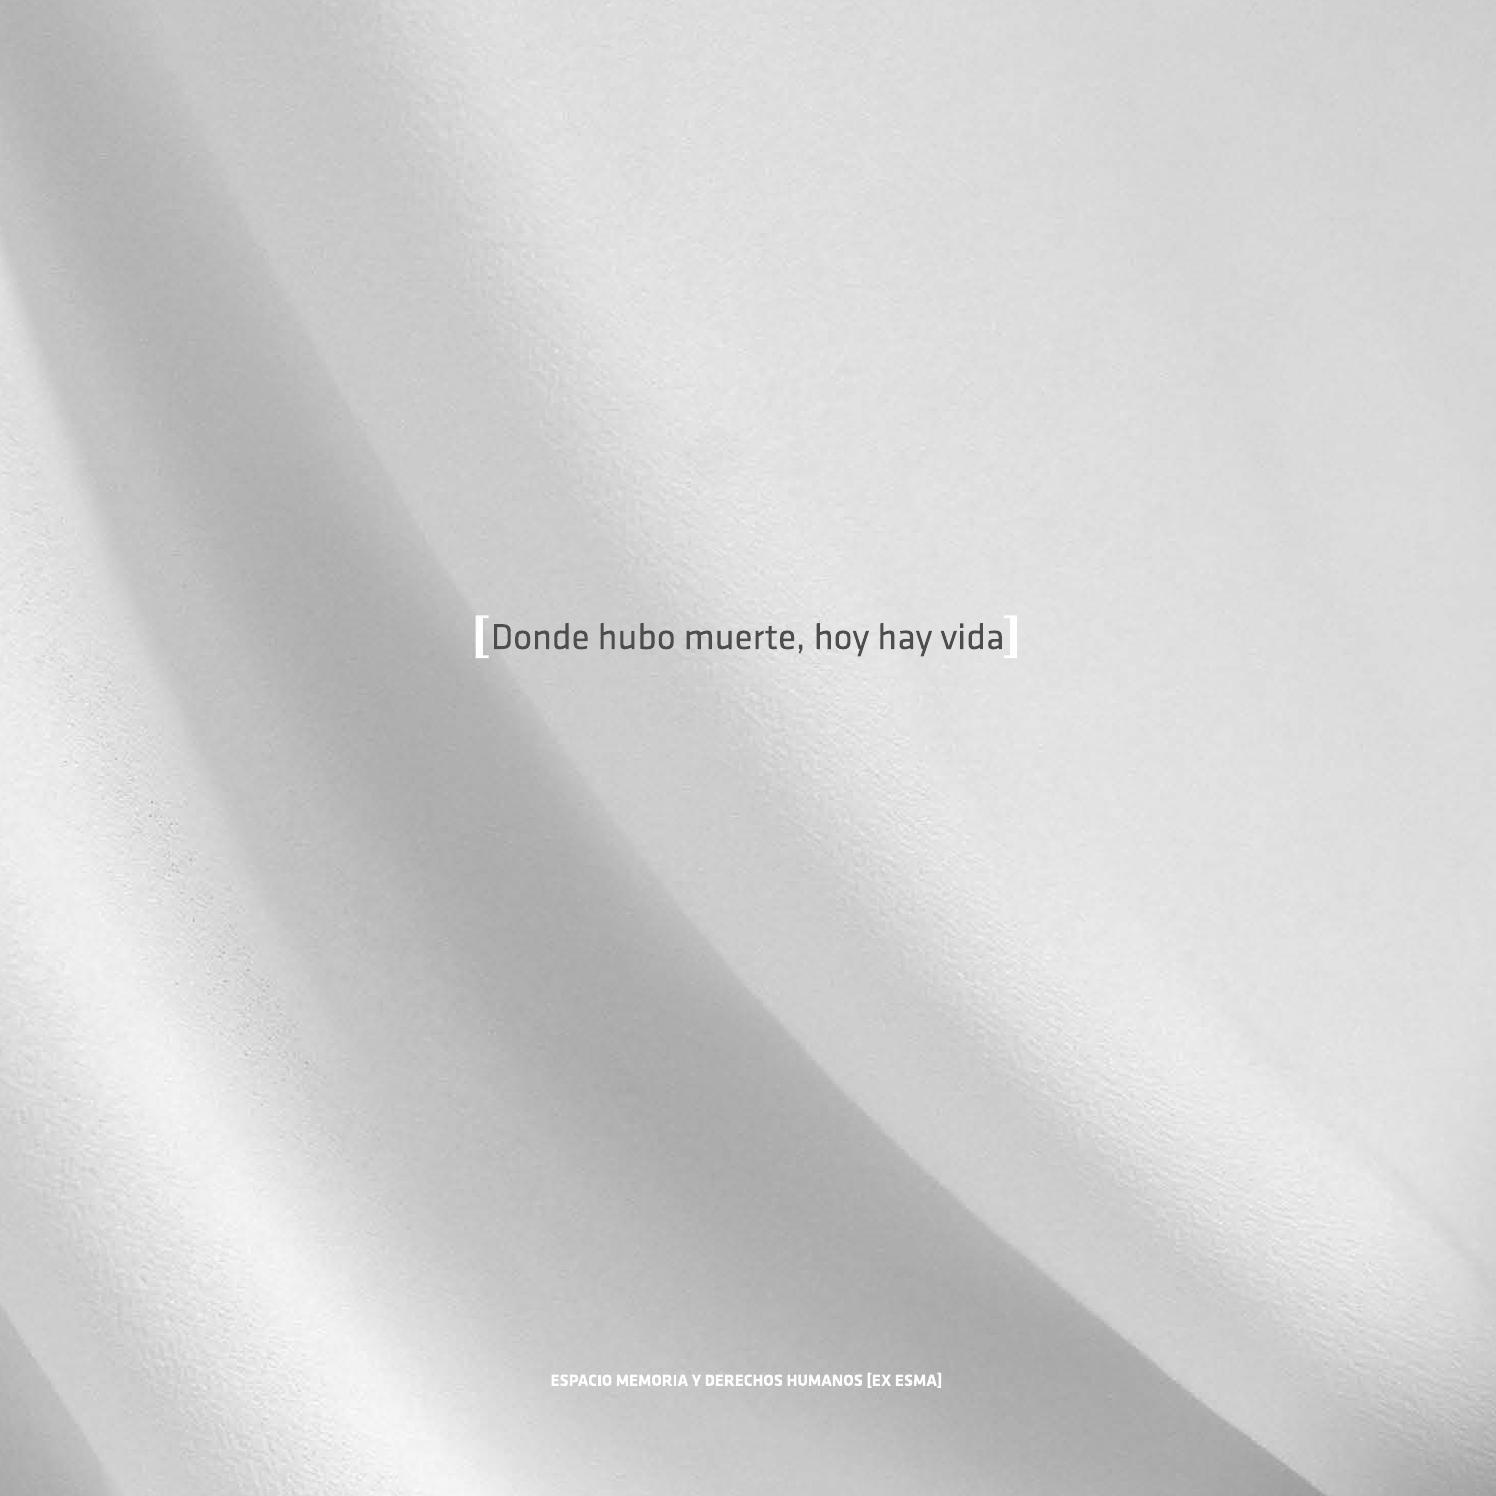 Calendario De Vacunacion 2017 Argentina Para Imprimir Más Arriba-a-fecha Donde Hubo Muerte Hoy Hay Vida ] by Espacio Memoria issuu Of Calendario De Vacunacion 2017 Argentina Para Imprimir Actual 125 Best Viajes Images On Pinterest